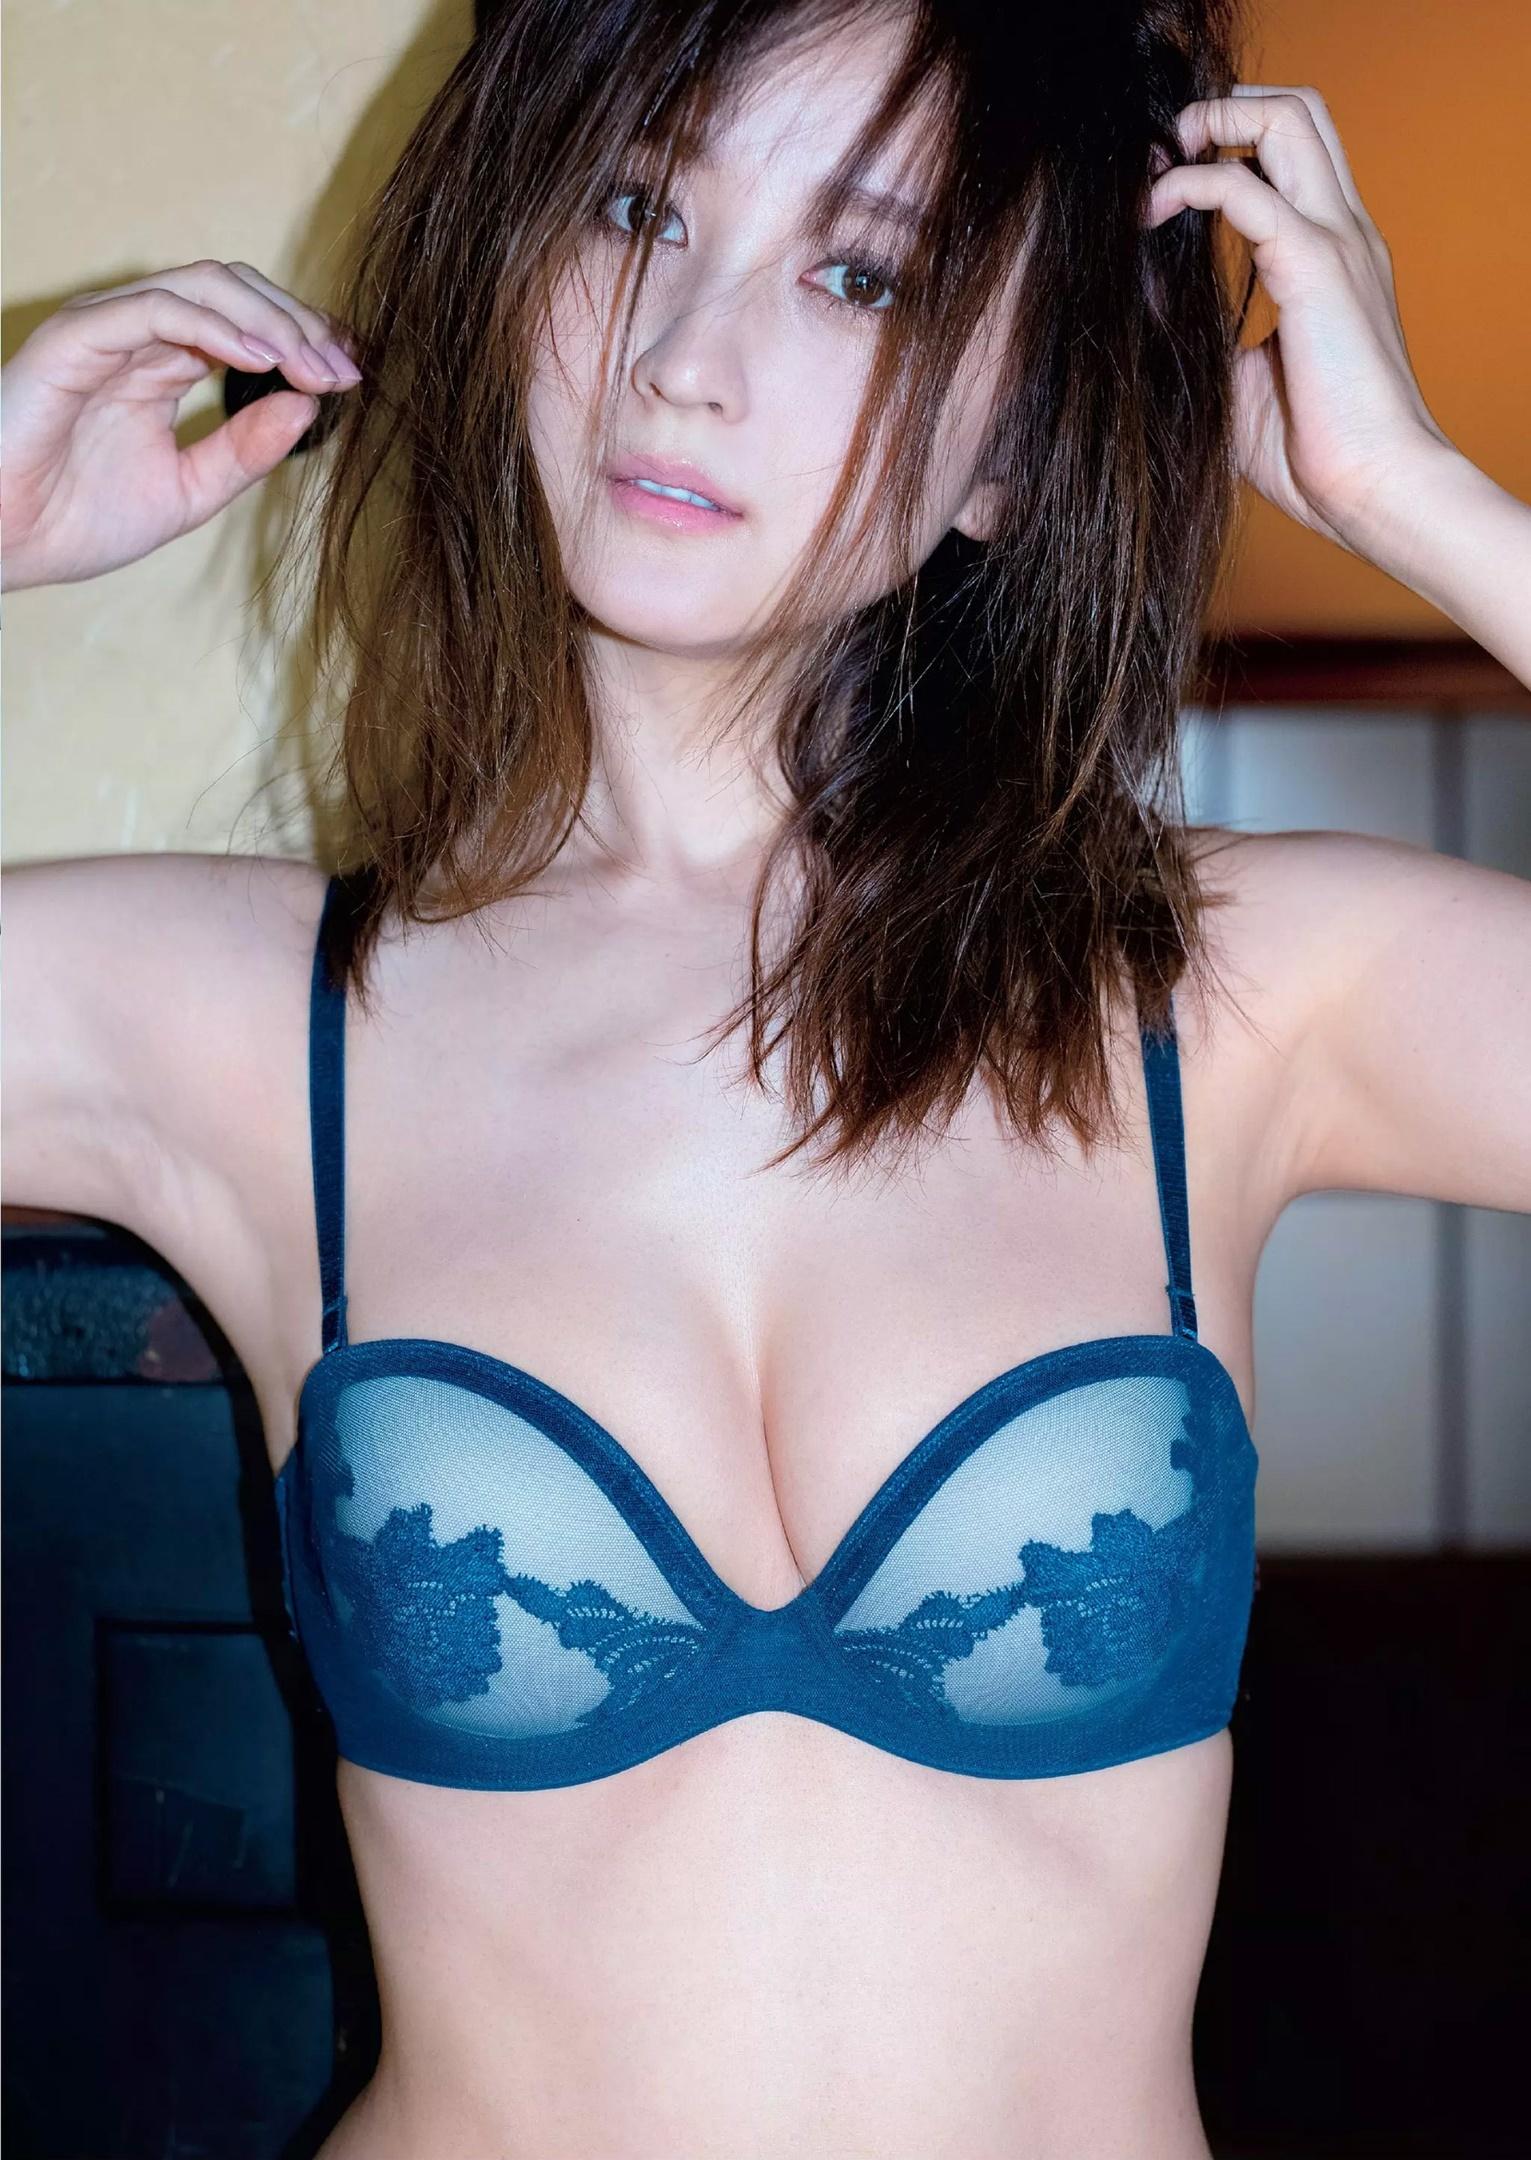 小松彩夏 5年ぶりグラビア復帰